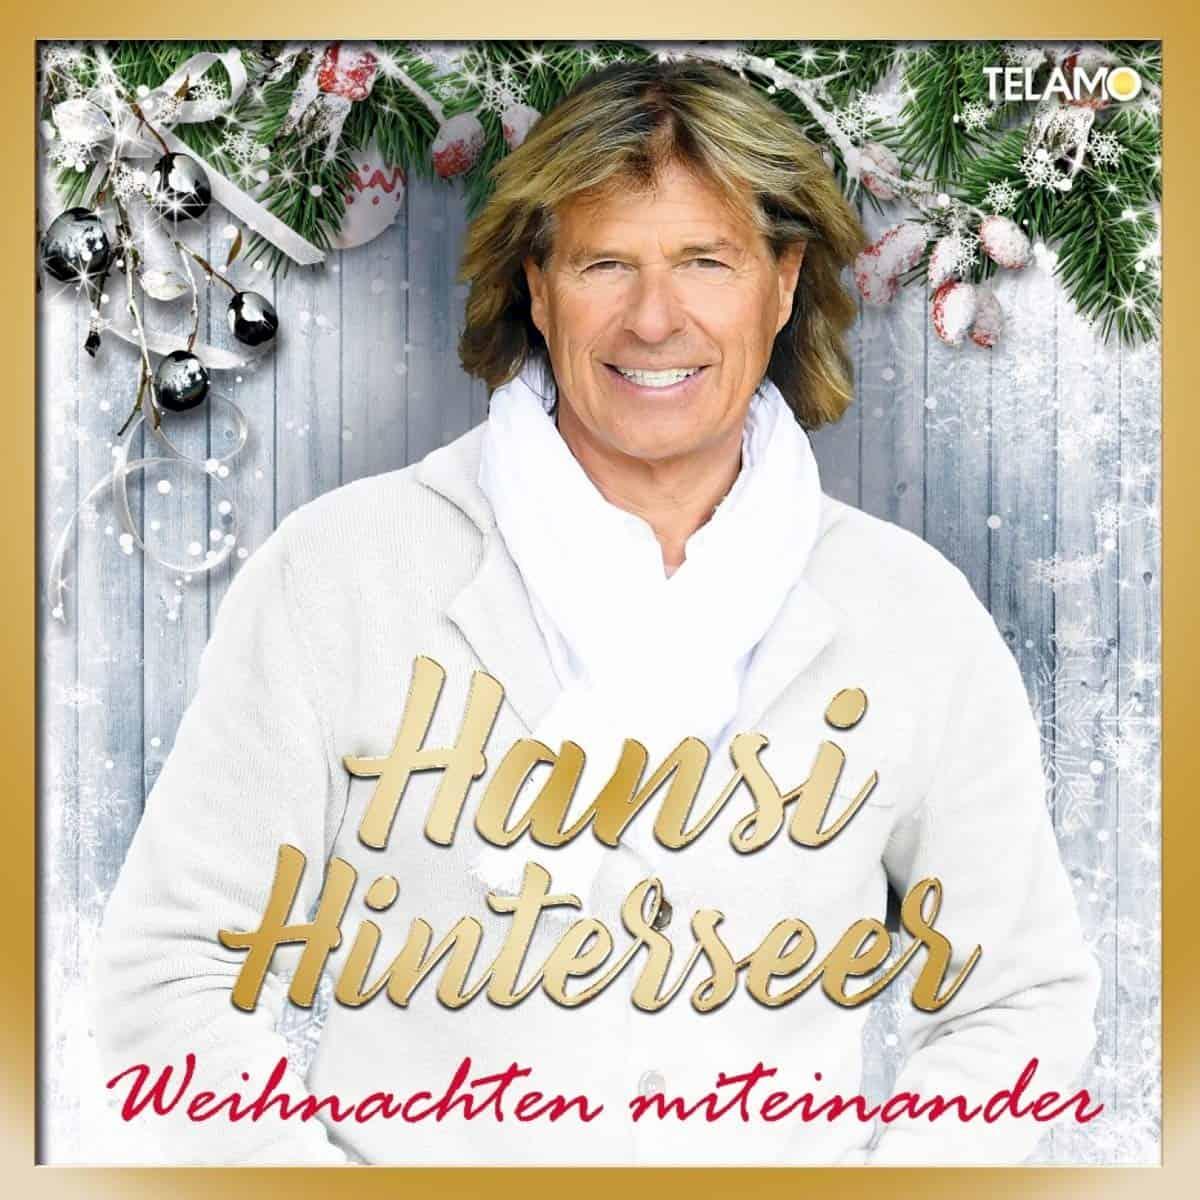 Weihnachten miteinander - Weihnachts-CD 2020 von Hansi Hinterseer